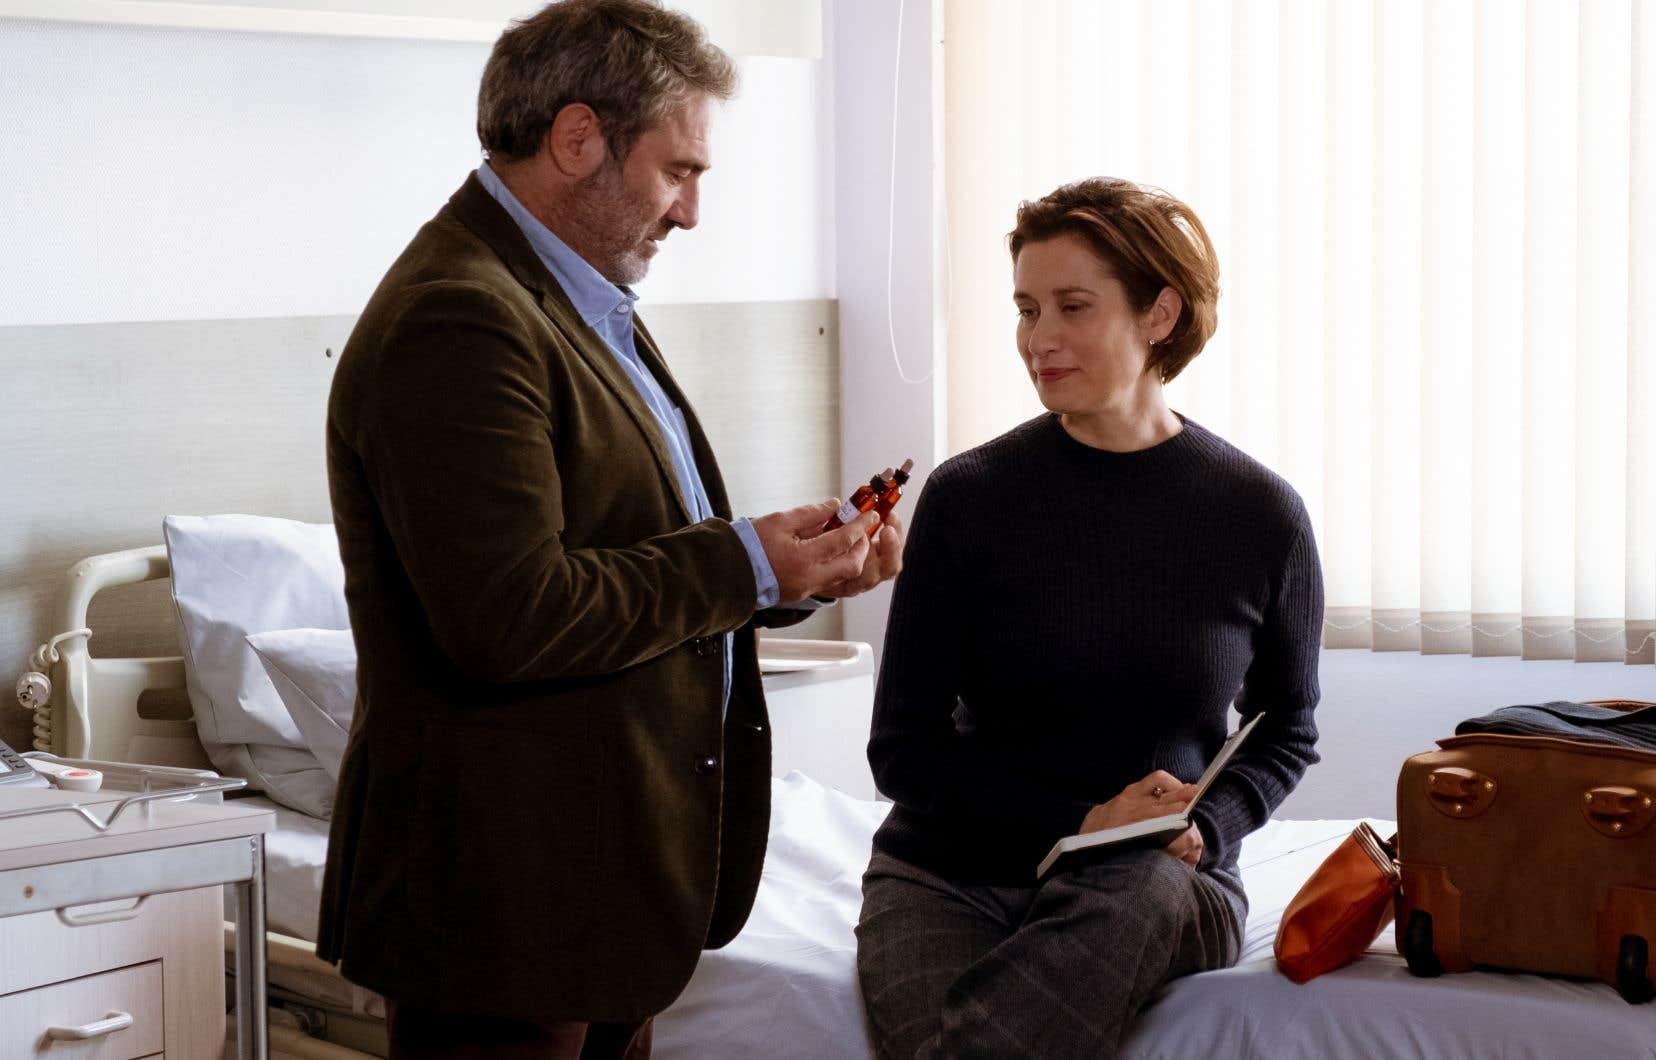 Dans le film «Les parfums», tout se déroule sans tambour ni trompette, tant dans le drame que lorsqu'au détour d'une scène émerge un moment d'humour.